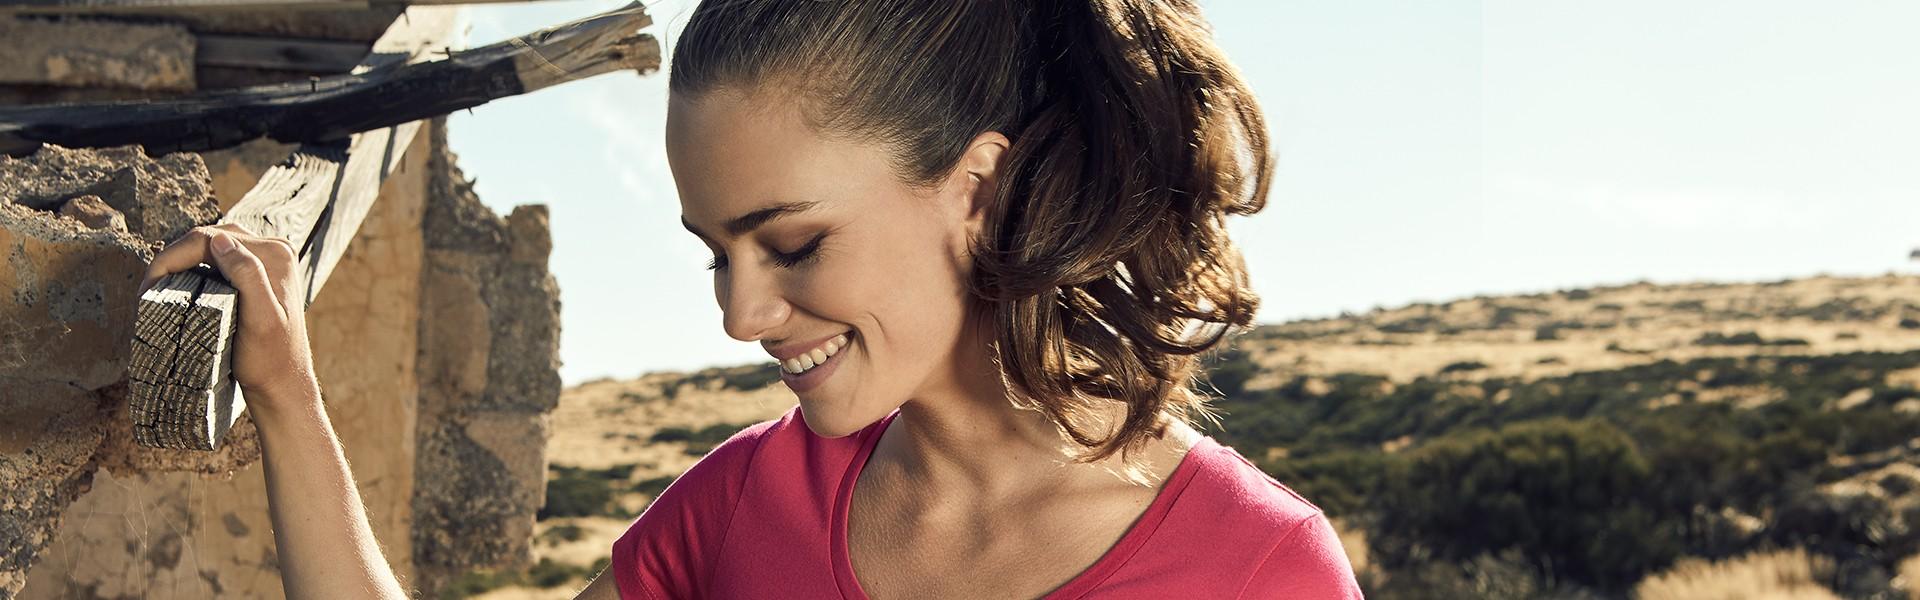 X.O T-shirts for women